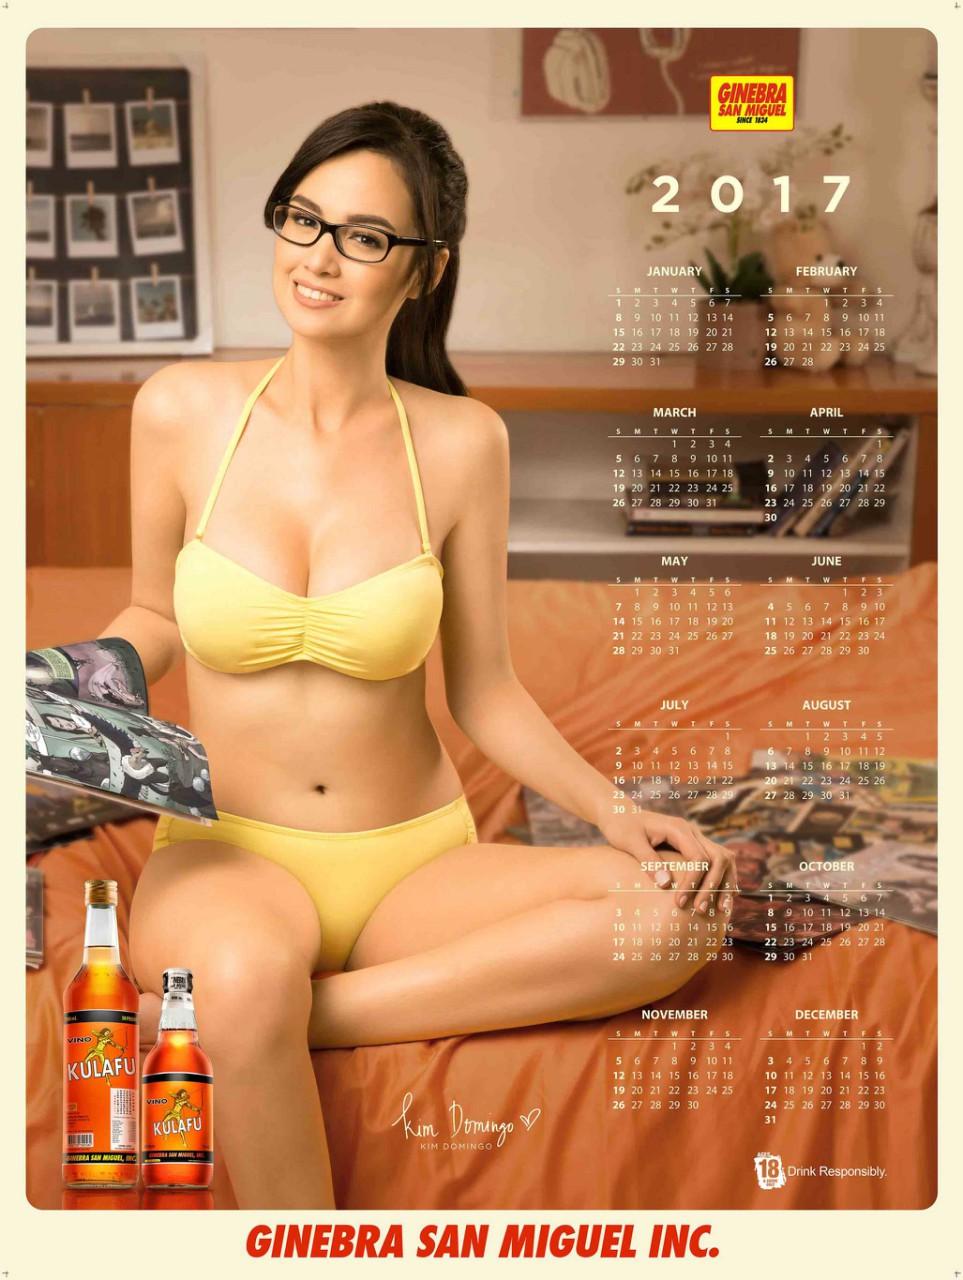 Nude Girl Calendar 2017